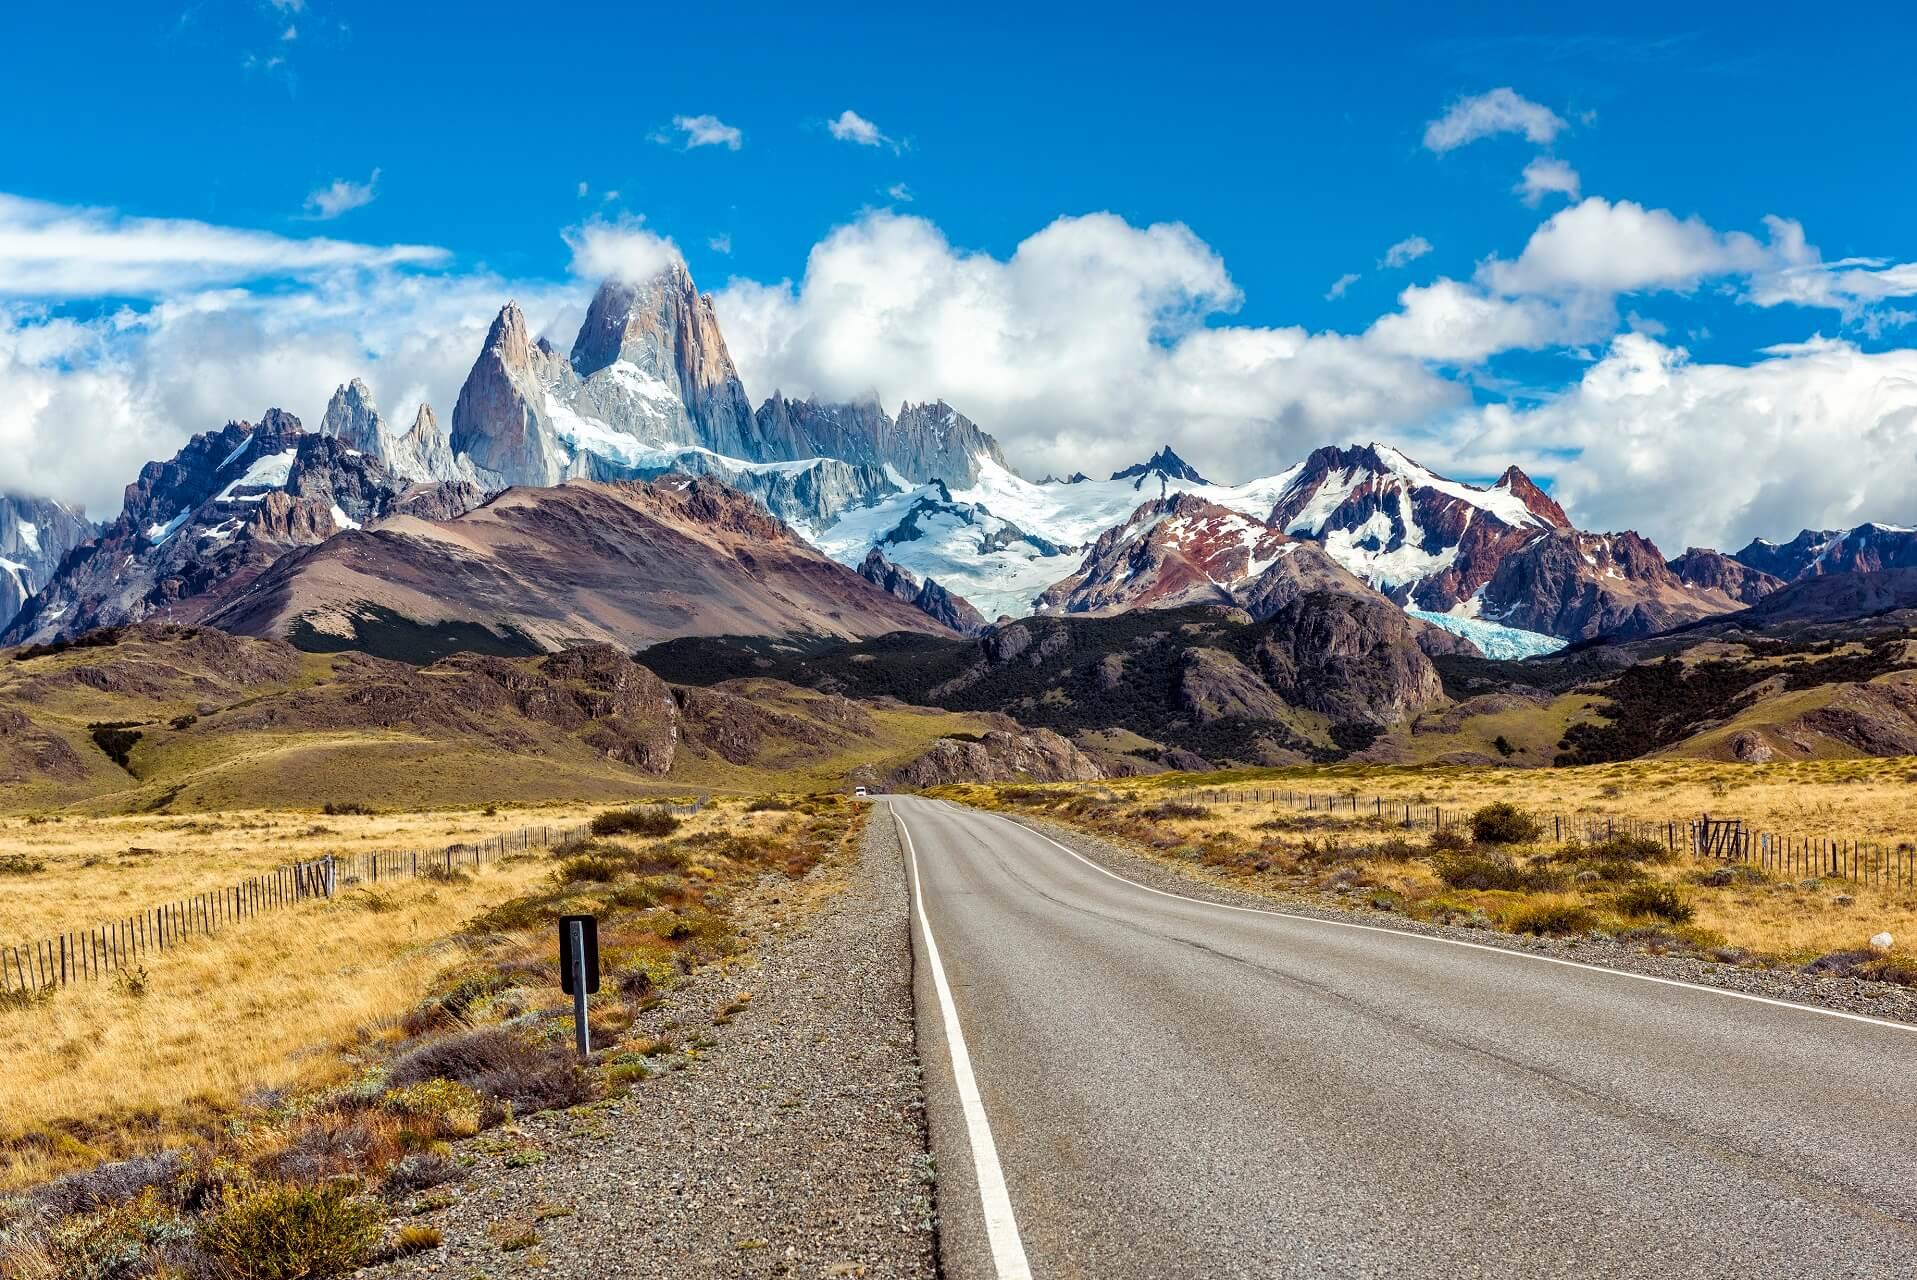 In Argentinien können sich Profibackpacker so richtig ausleben